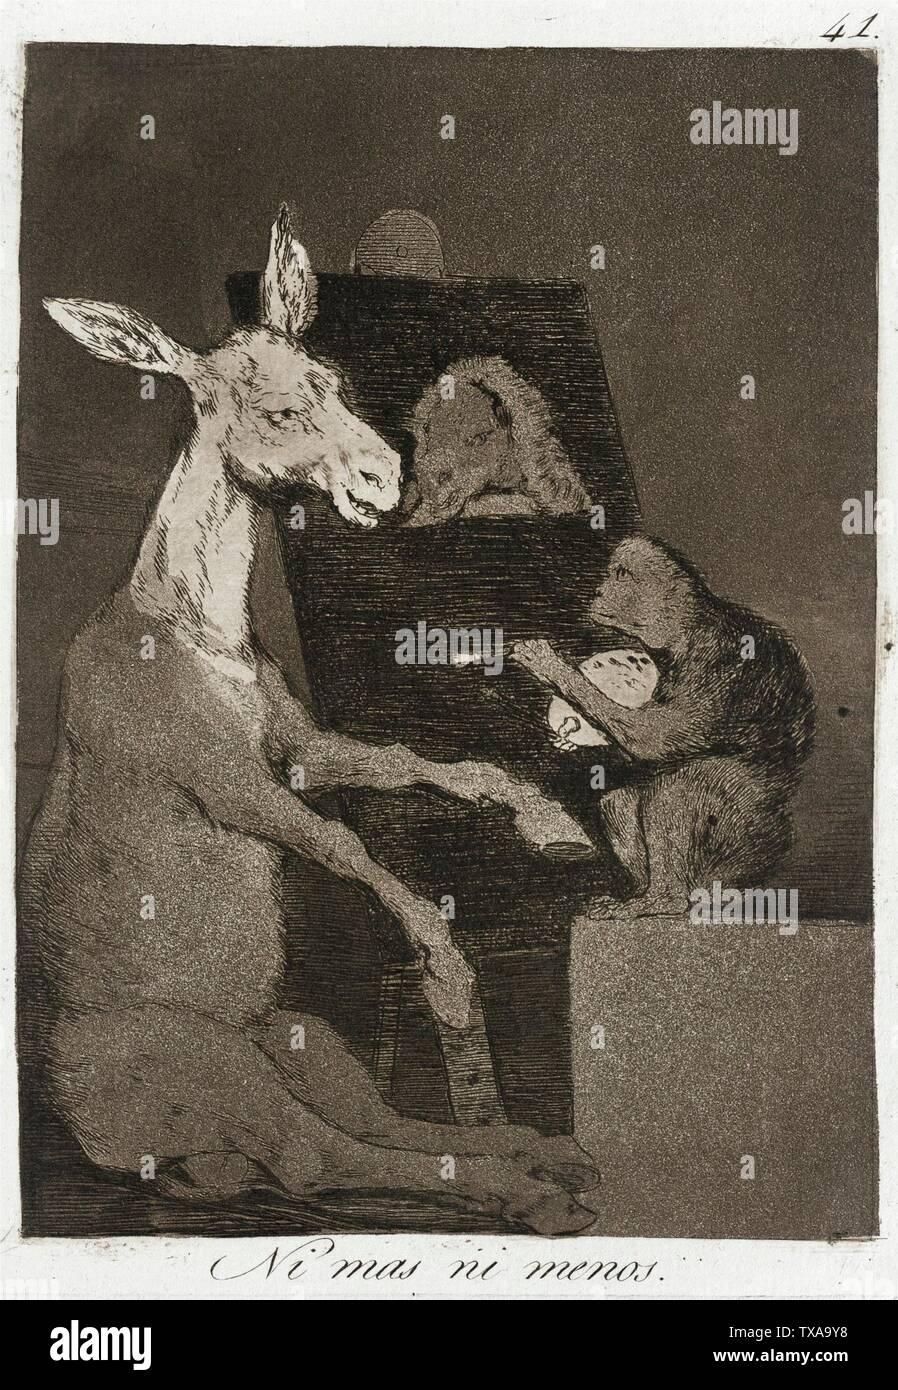 """""""Ni más ni menos; en inglés: España, 1799 título alternativo: ni más ni menos cartera: Los Caprichos, placa 41 copias; grabados Aguafuerte, Aguatinta bruñida, punta seca y buril Paul Mabury Rodman Fondo Fiduciario (63.11.41) grabados y dibujos; QS 1799Fecha:P571,+1799-00-00T00:00:00Z/9; ' Imagen De Stock"""